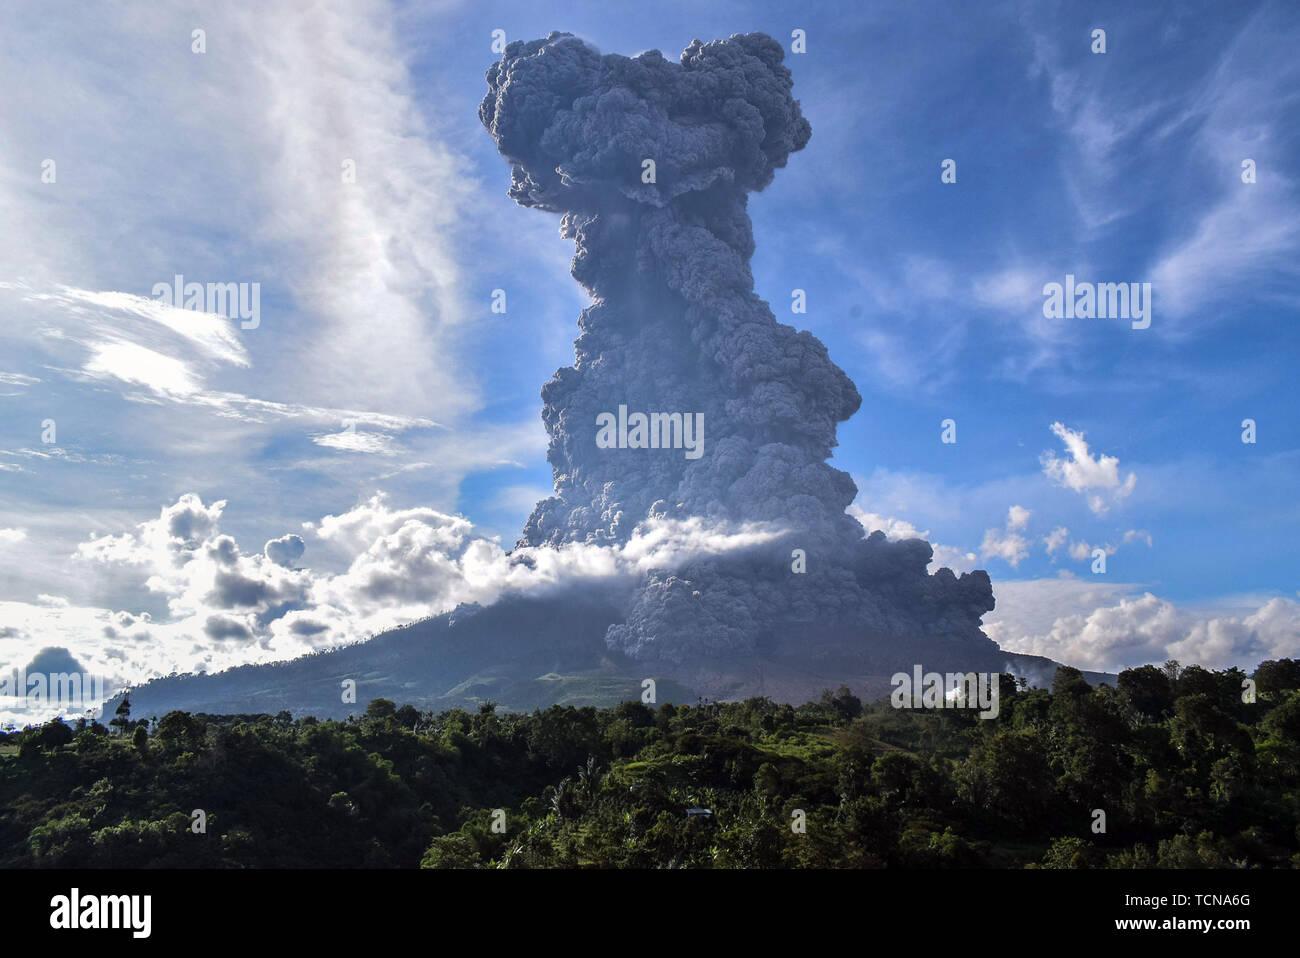 Le nord de Sumatra, en Indonésie. 9 juin, 2019. La photo prise le 9 juin 2019 montre le mont Sinabung crachant cendres épaisse Karo, dans le Nord de Sumatra, en Indonésie. Une colonne de cendres épaisse était vomi sept km de haut vers le ciel du cratère du Mont Sinabung volcan de l'île de Sumatra de l'ouest de l'Indonésie le dimanche, l'agence nationale de la volcanologie a dit. Credit: Anto Sembiring/Xinhua/Alamy Live News Photo Stock